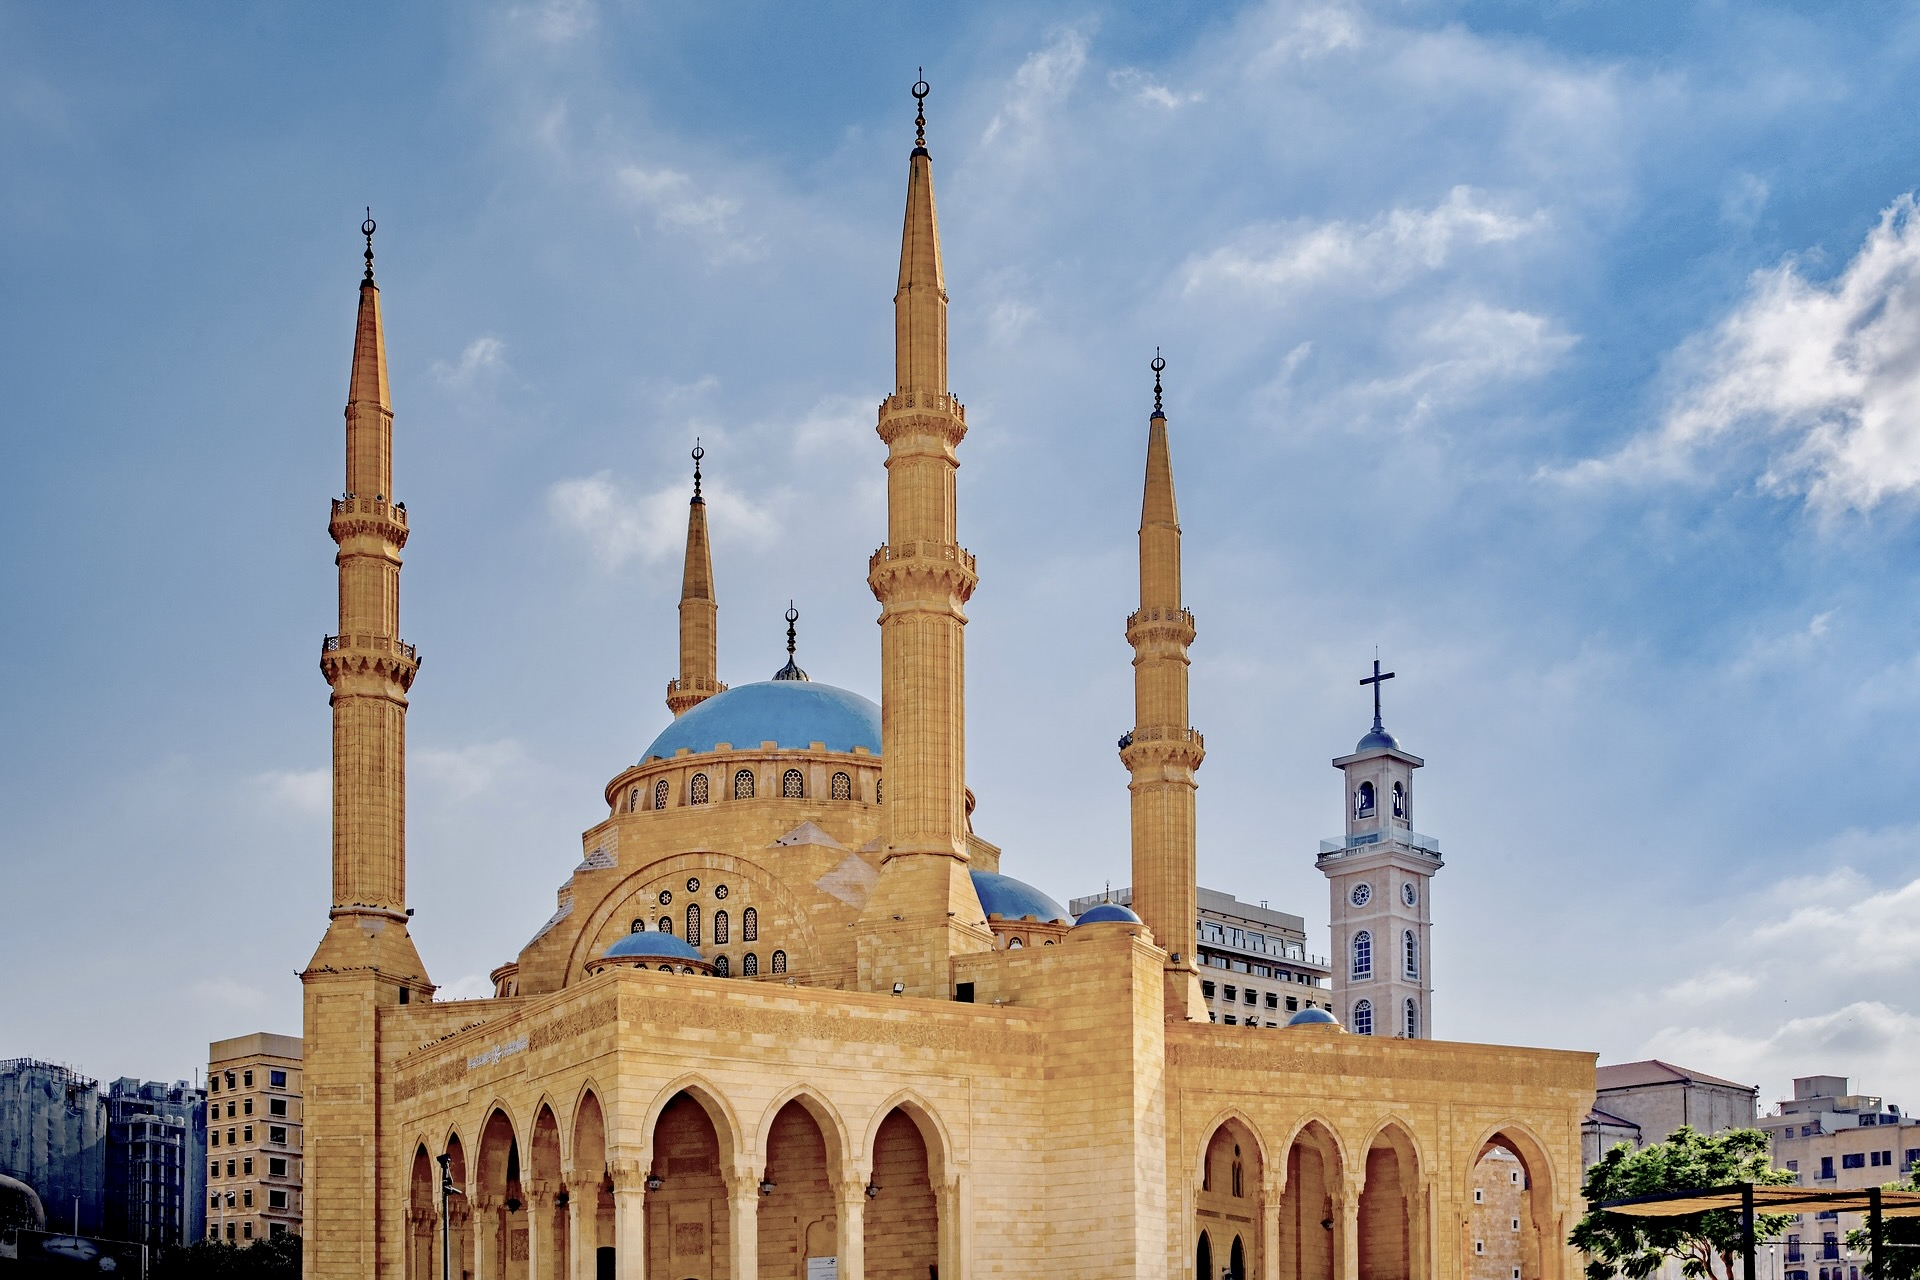 Moschee in Beirut im Libanon